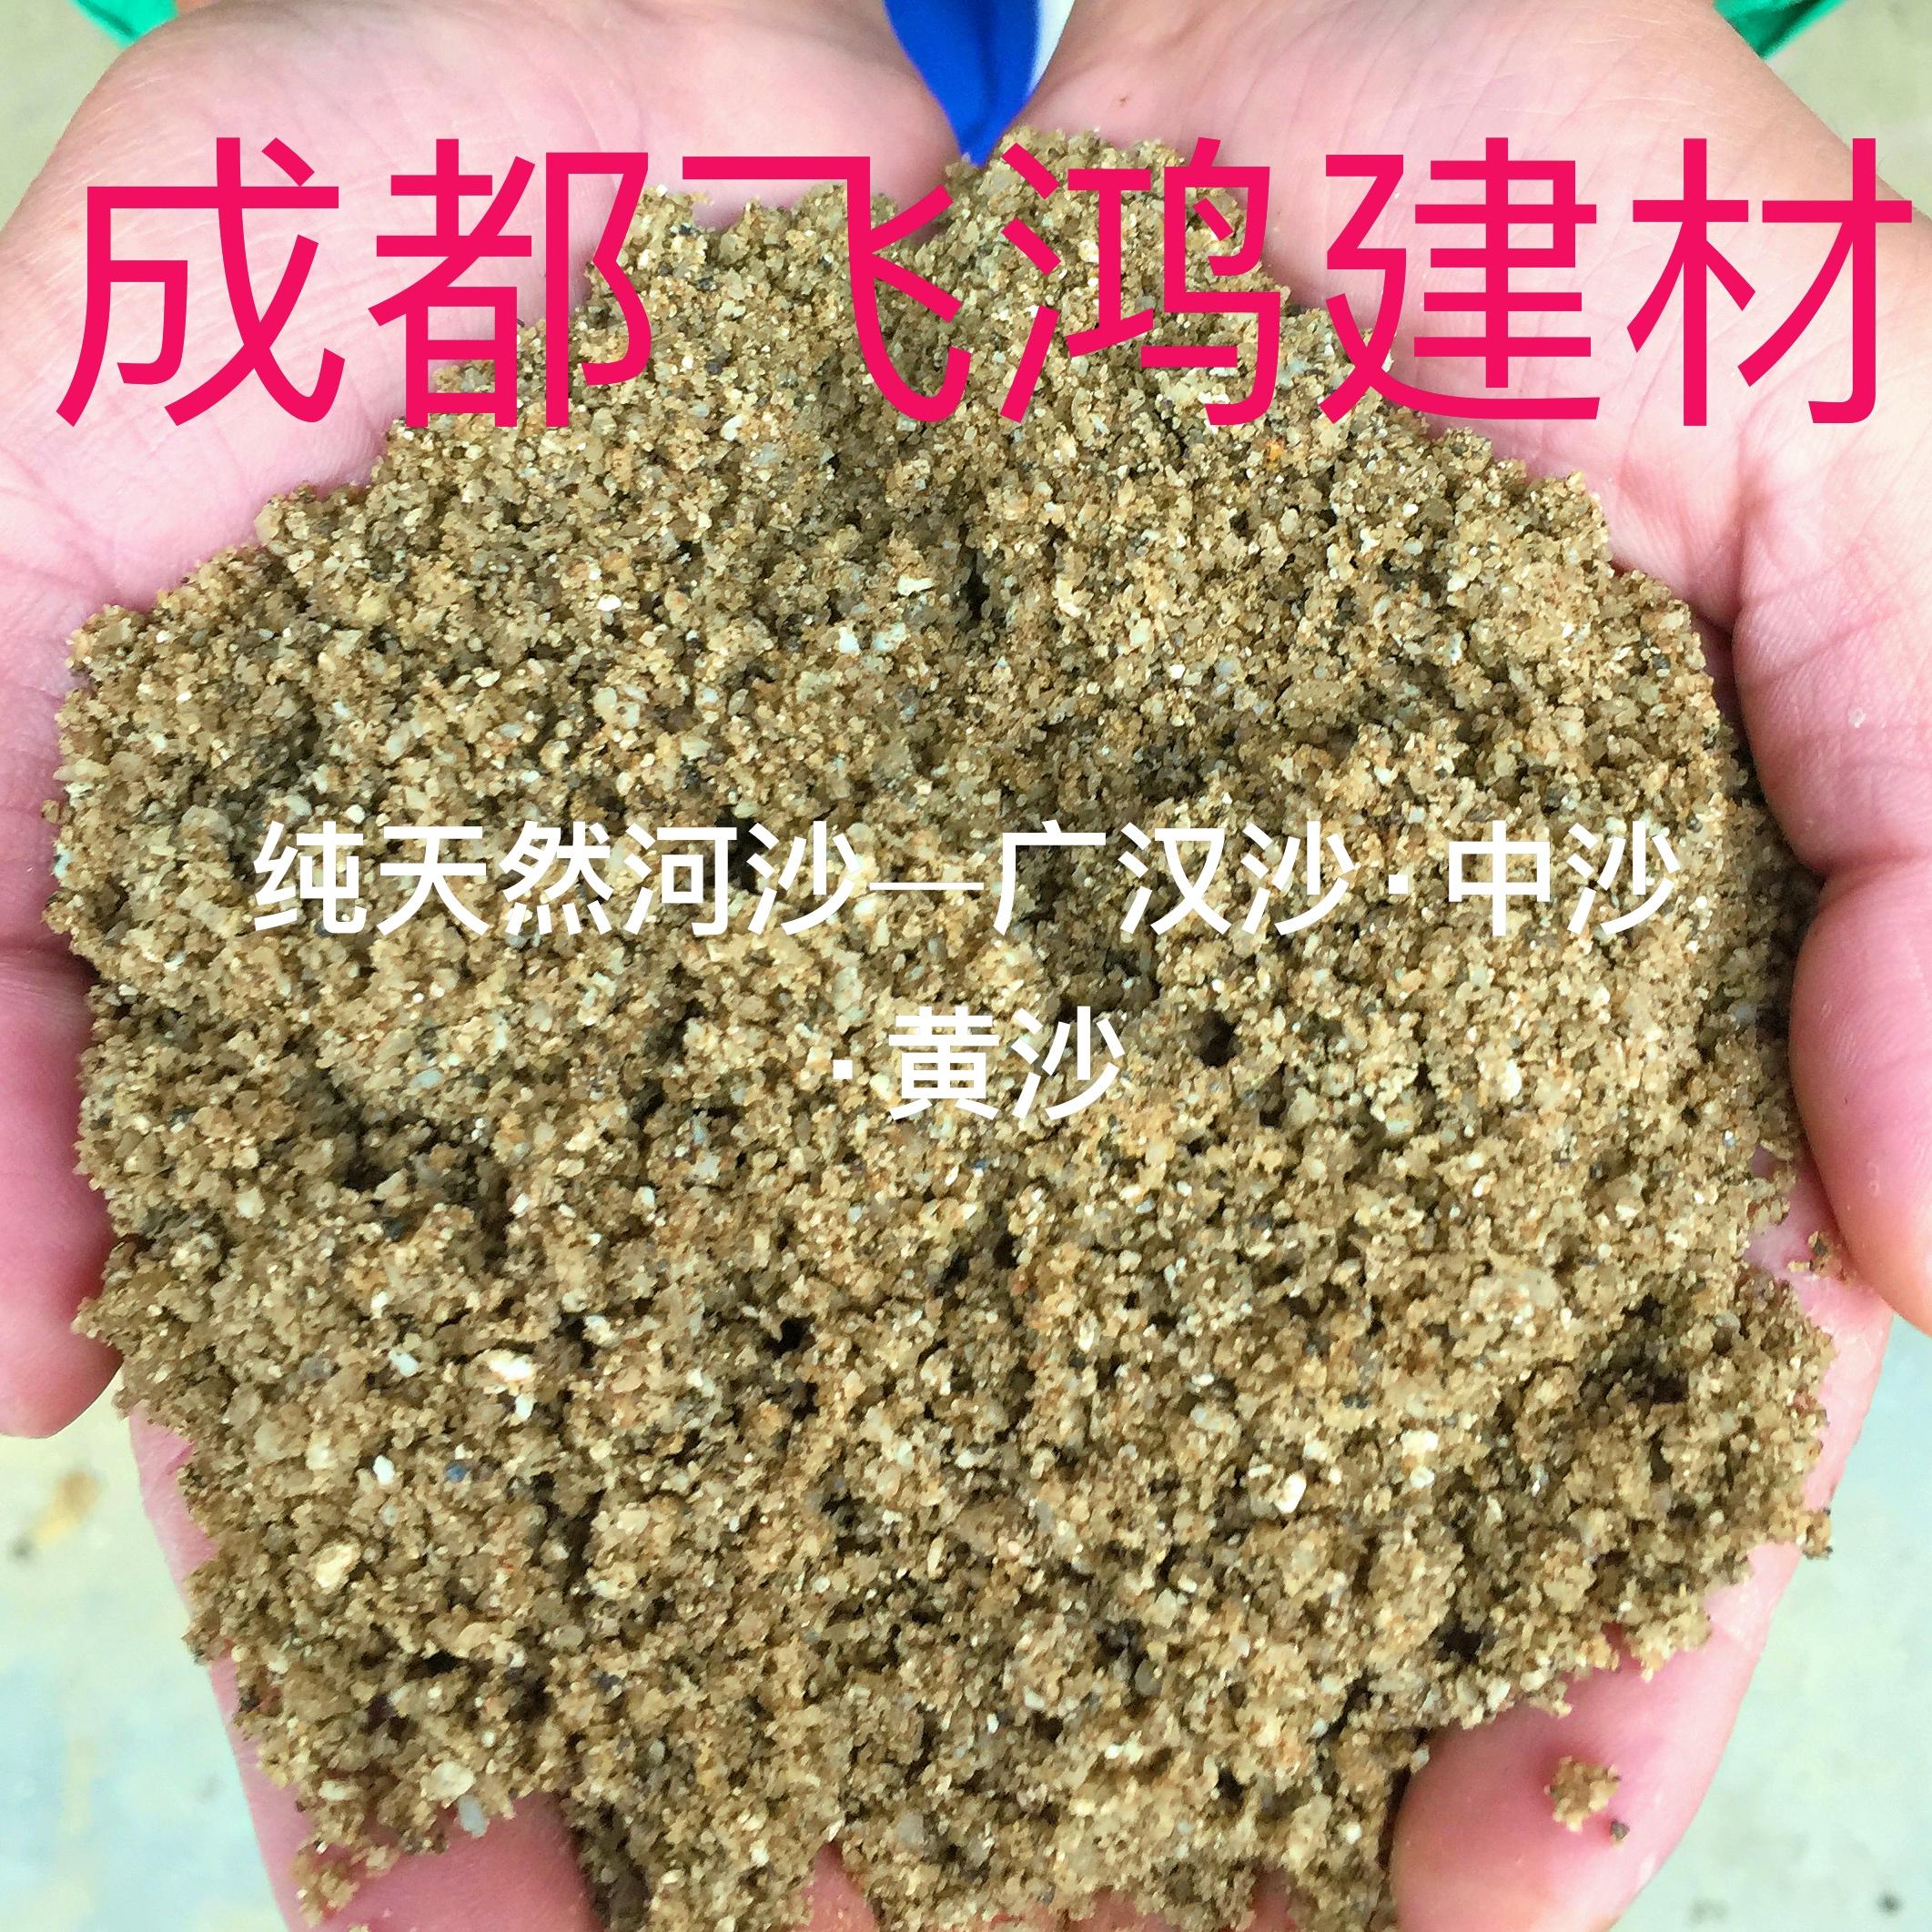 Чэнду цемент природный река песок грубый песок в песок песок углерод шлак знак кирпич тянуть франция база